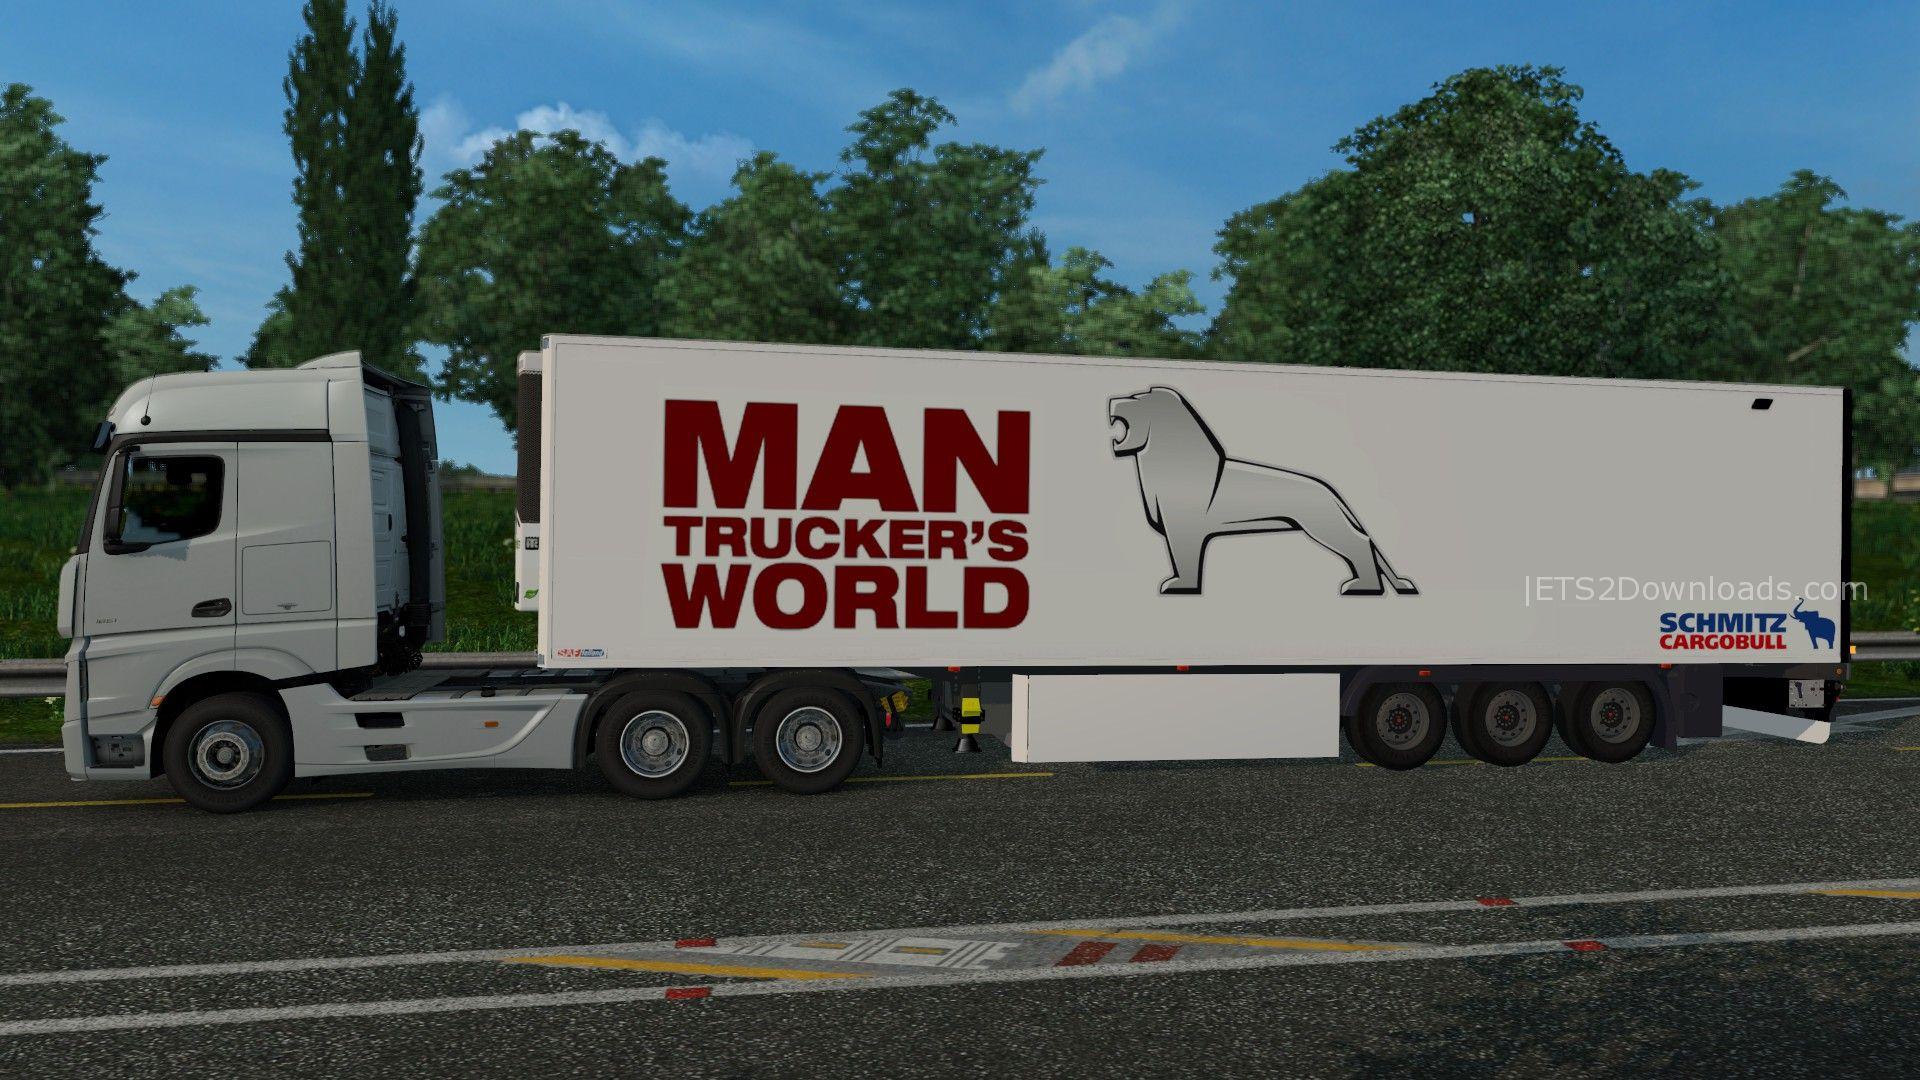 mans-trucker-world-trailer-1